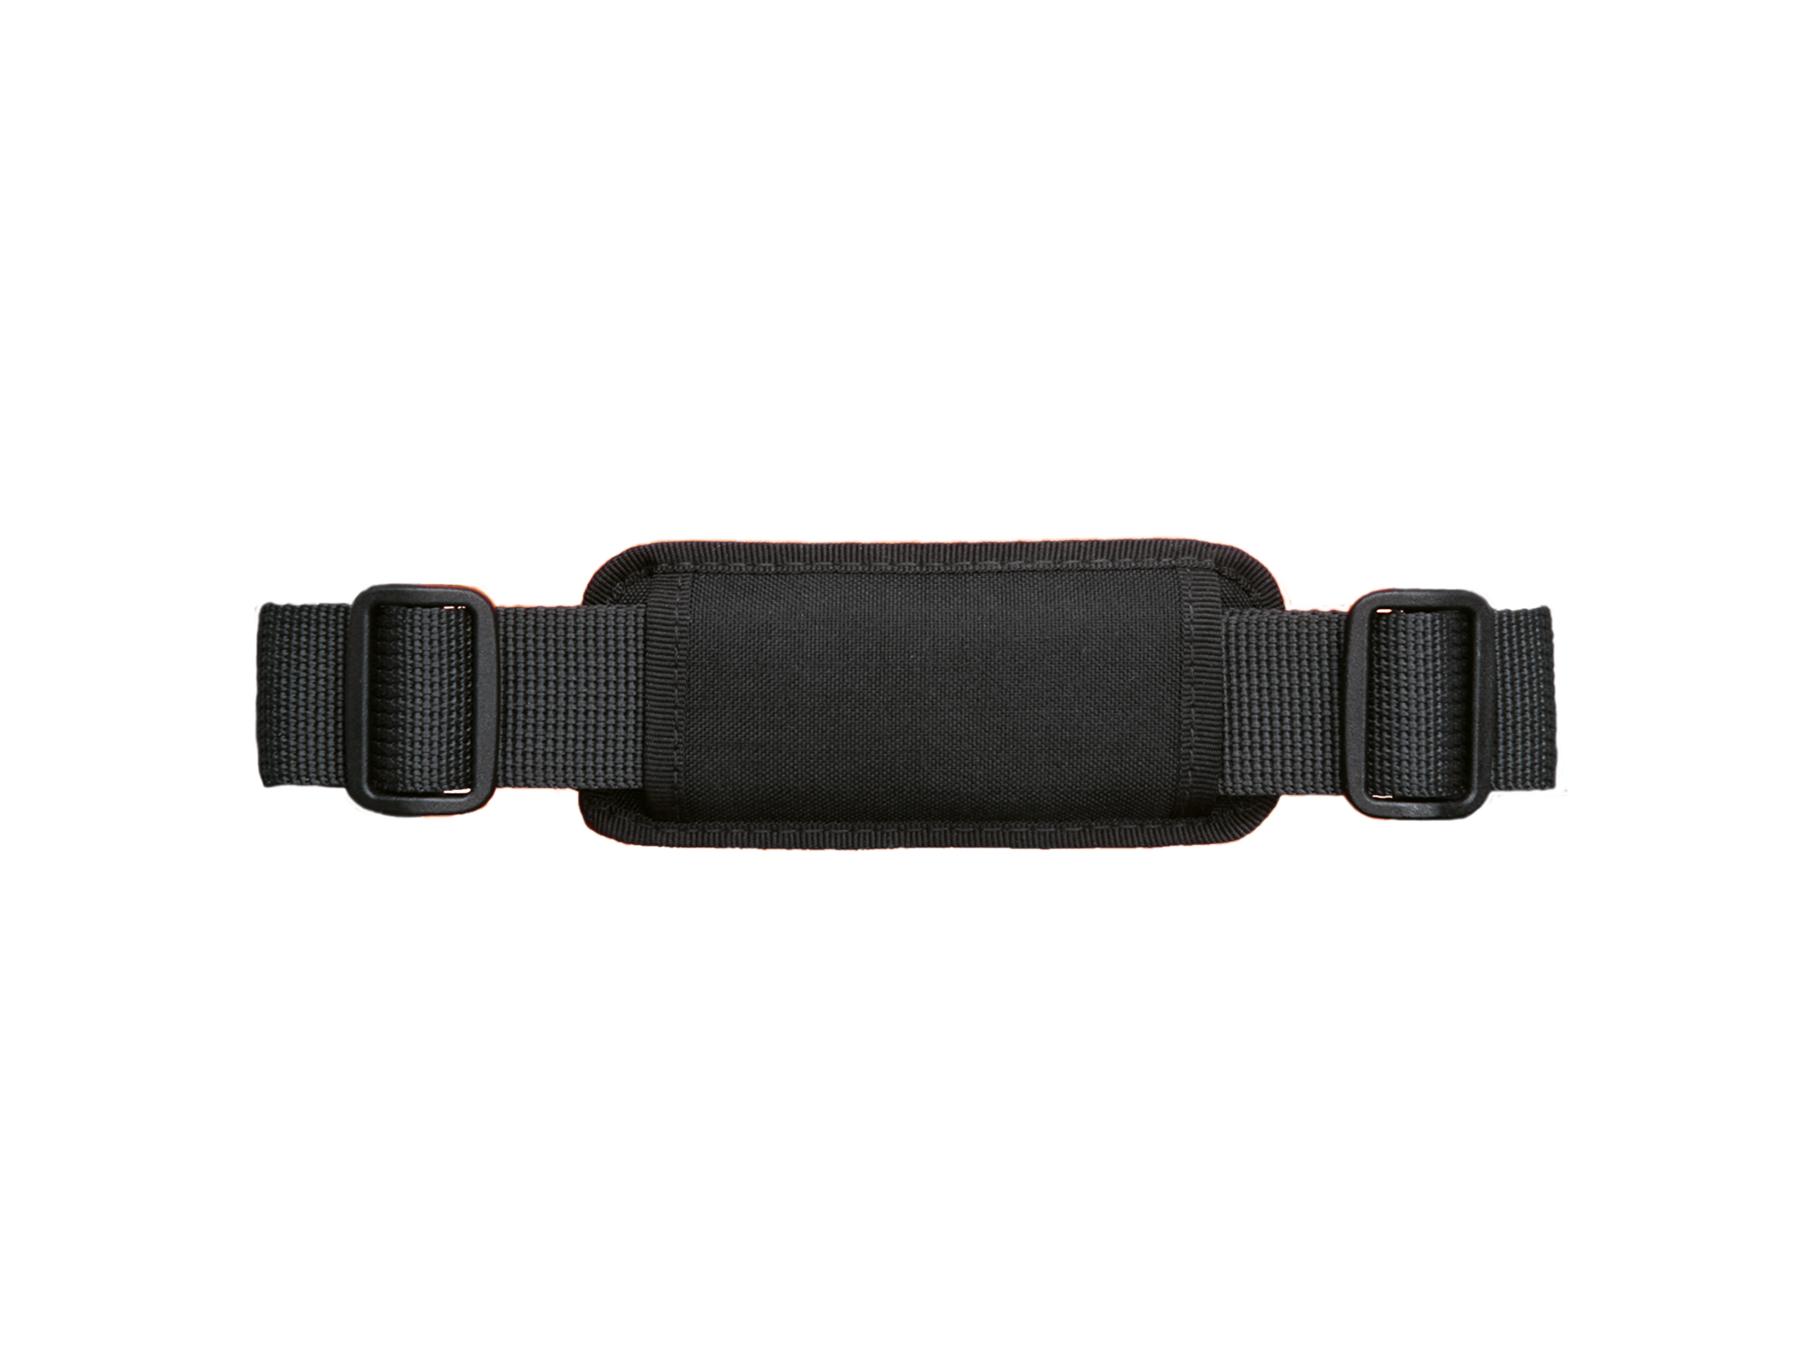 IS930.x / IS910.x wrist strap